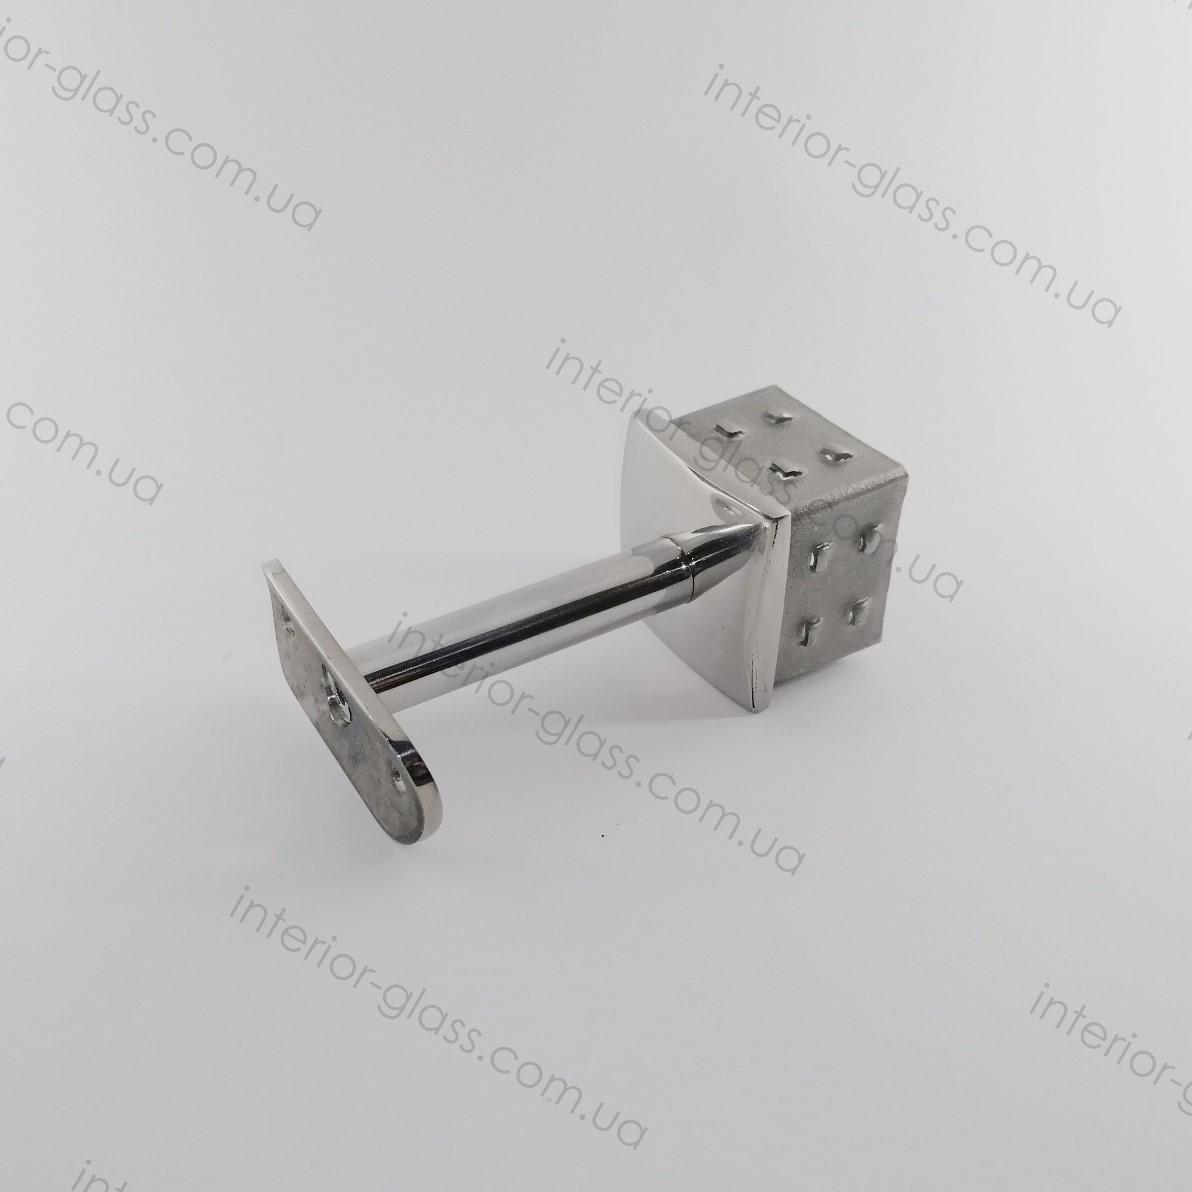 Верхний элемент стойки 40*40 мм ST-422-4040 с ложементом